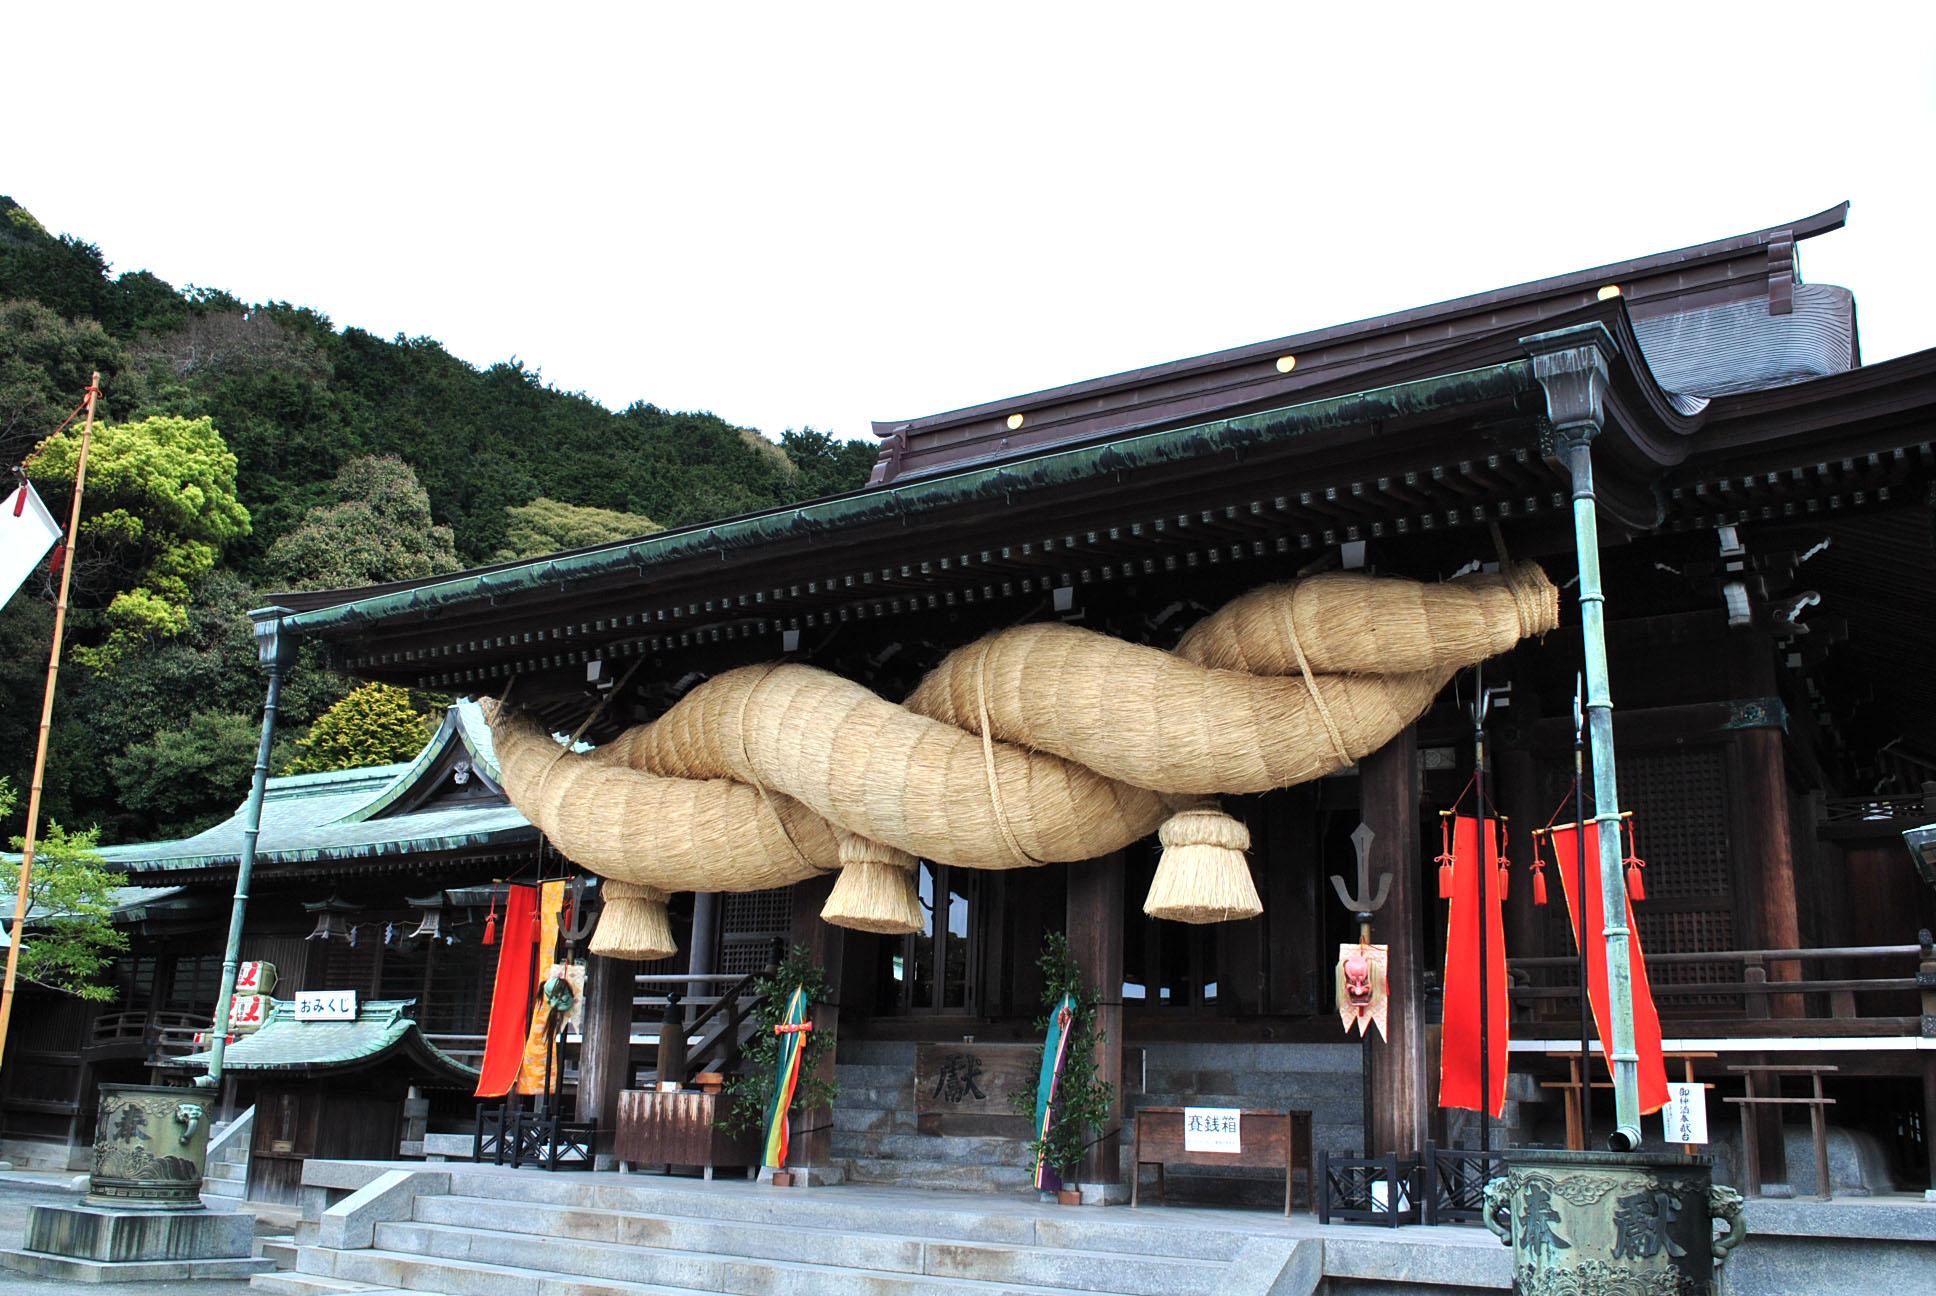 嵐のCMでさらに人気上昇!! 光の道が彩る福岡県福津市の宮地嶽神社。